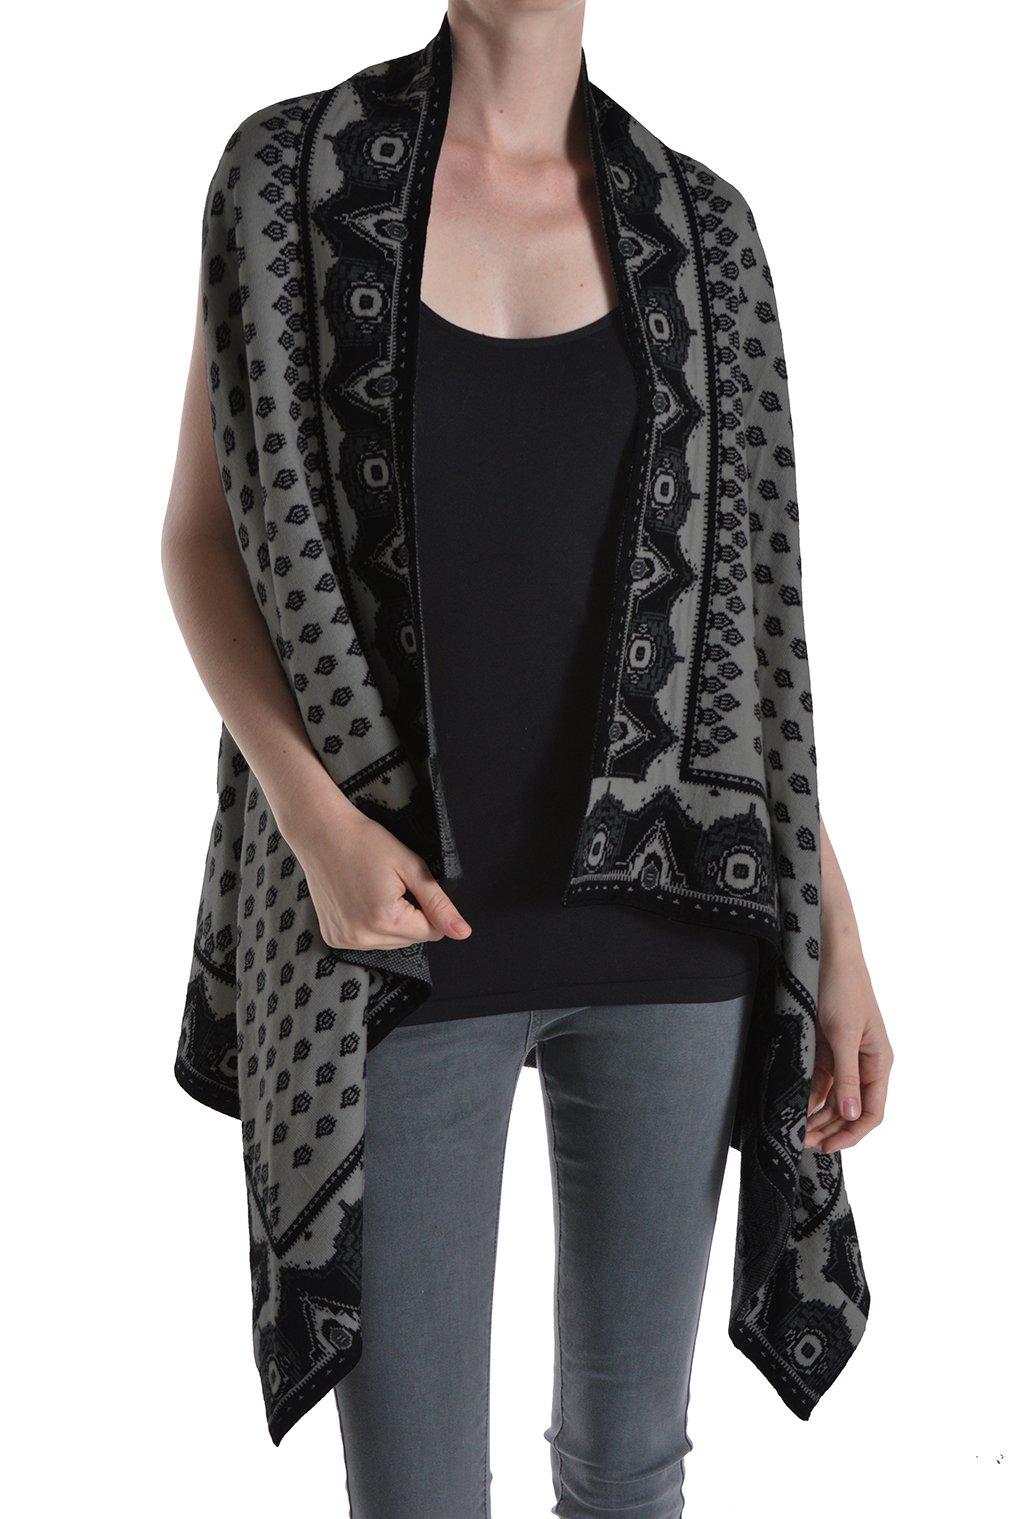 Basico Women's Knit Shrug Cardigan Sweater Vest (One Size, Style 76- Grey)